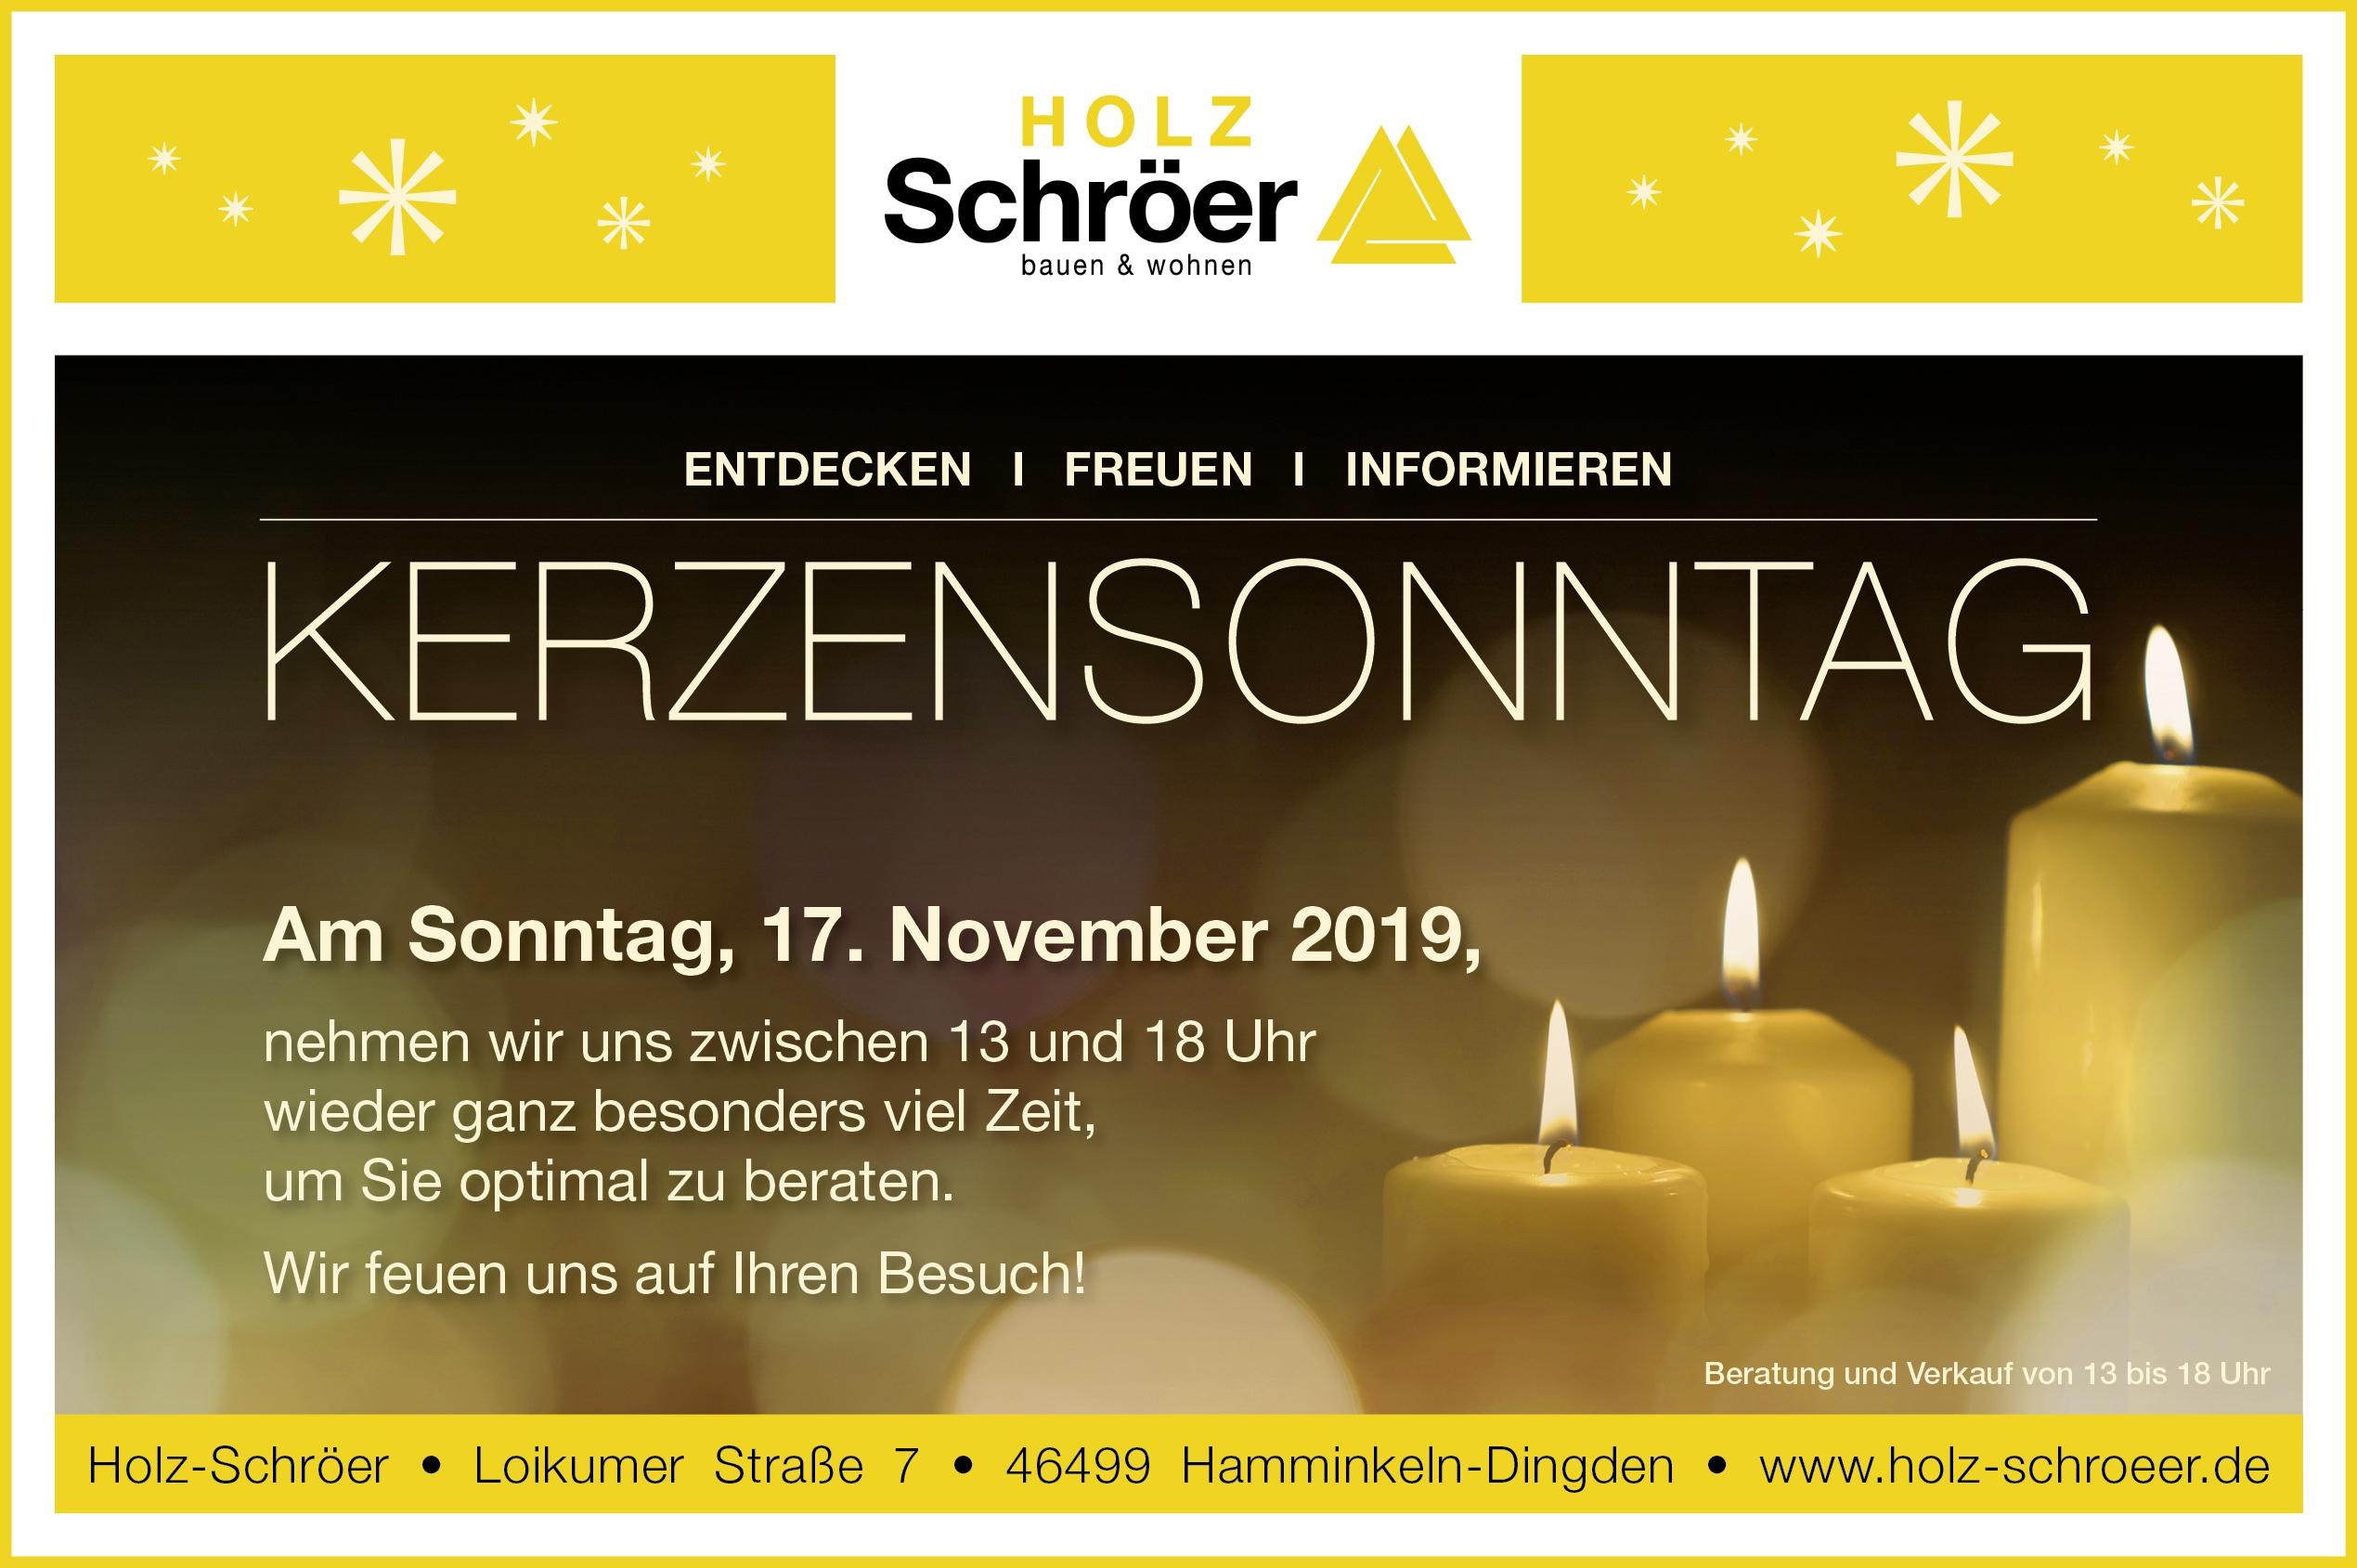 Kerzensonntag am 17.11.2019 in Dingden – Holz-Schröer Holzfachmarkt